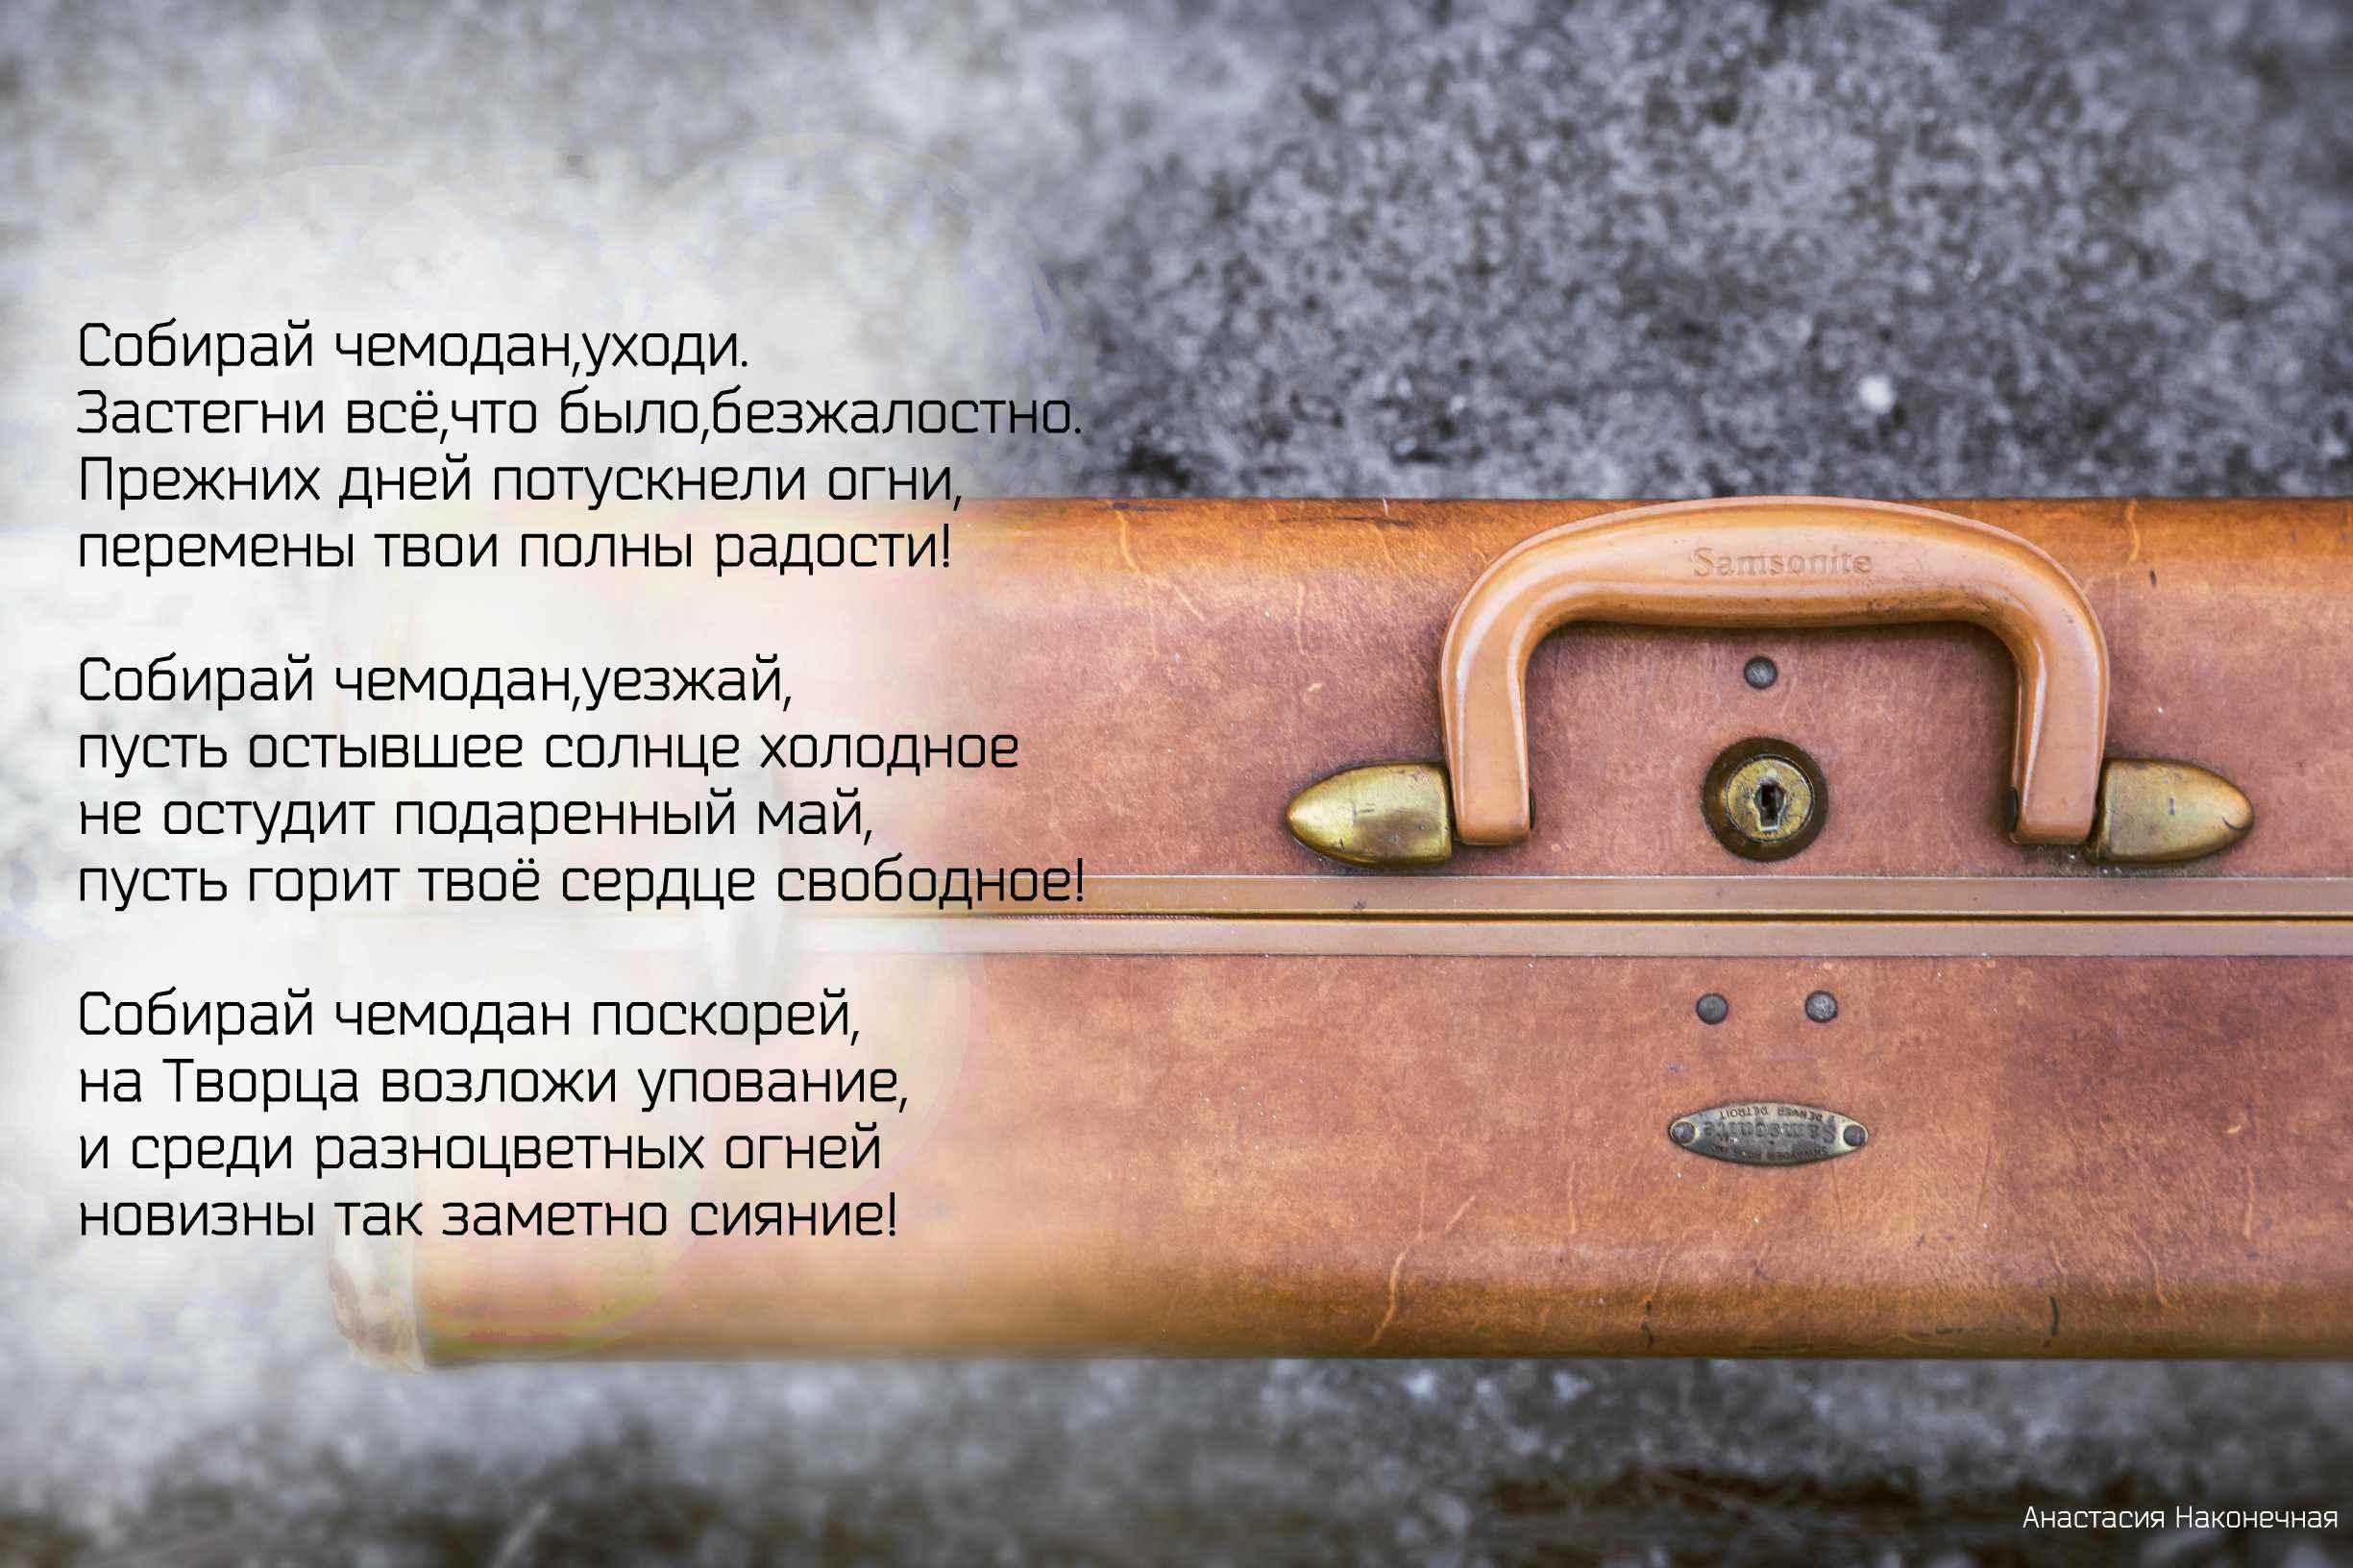 Стихи о чемодане в подарок 100